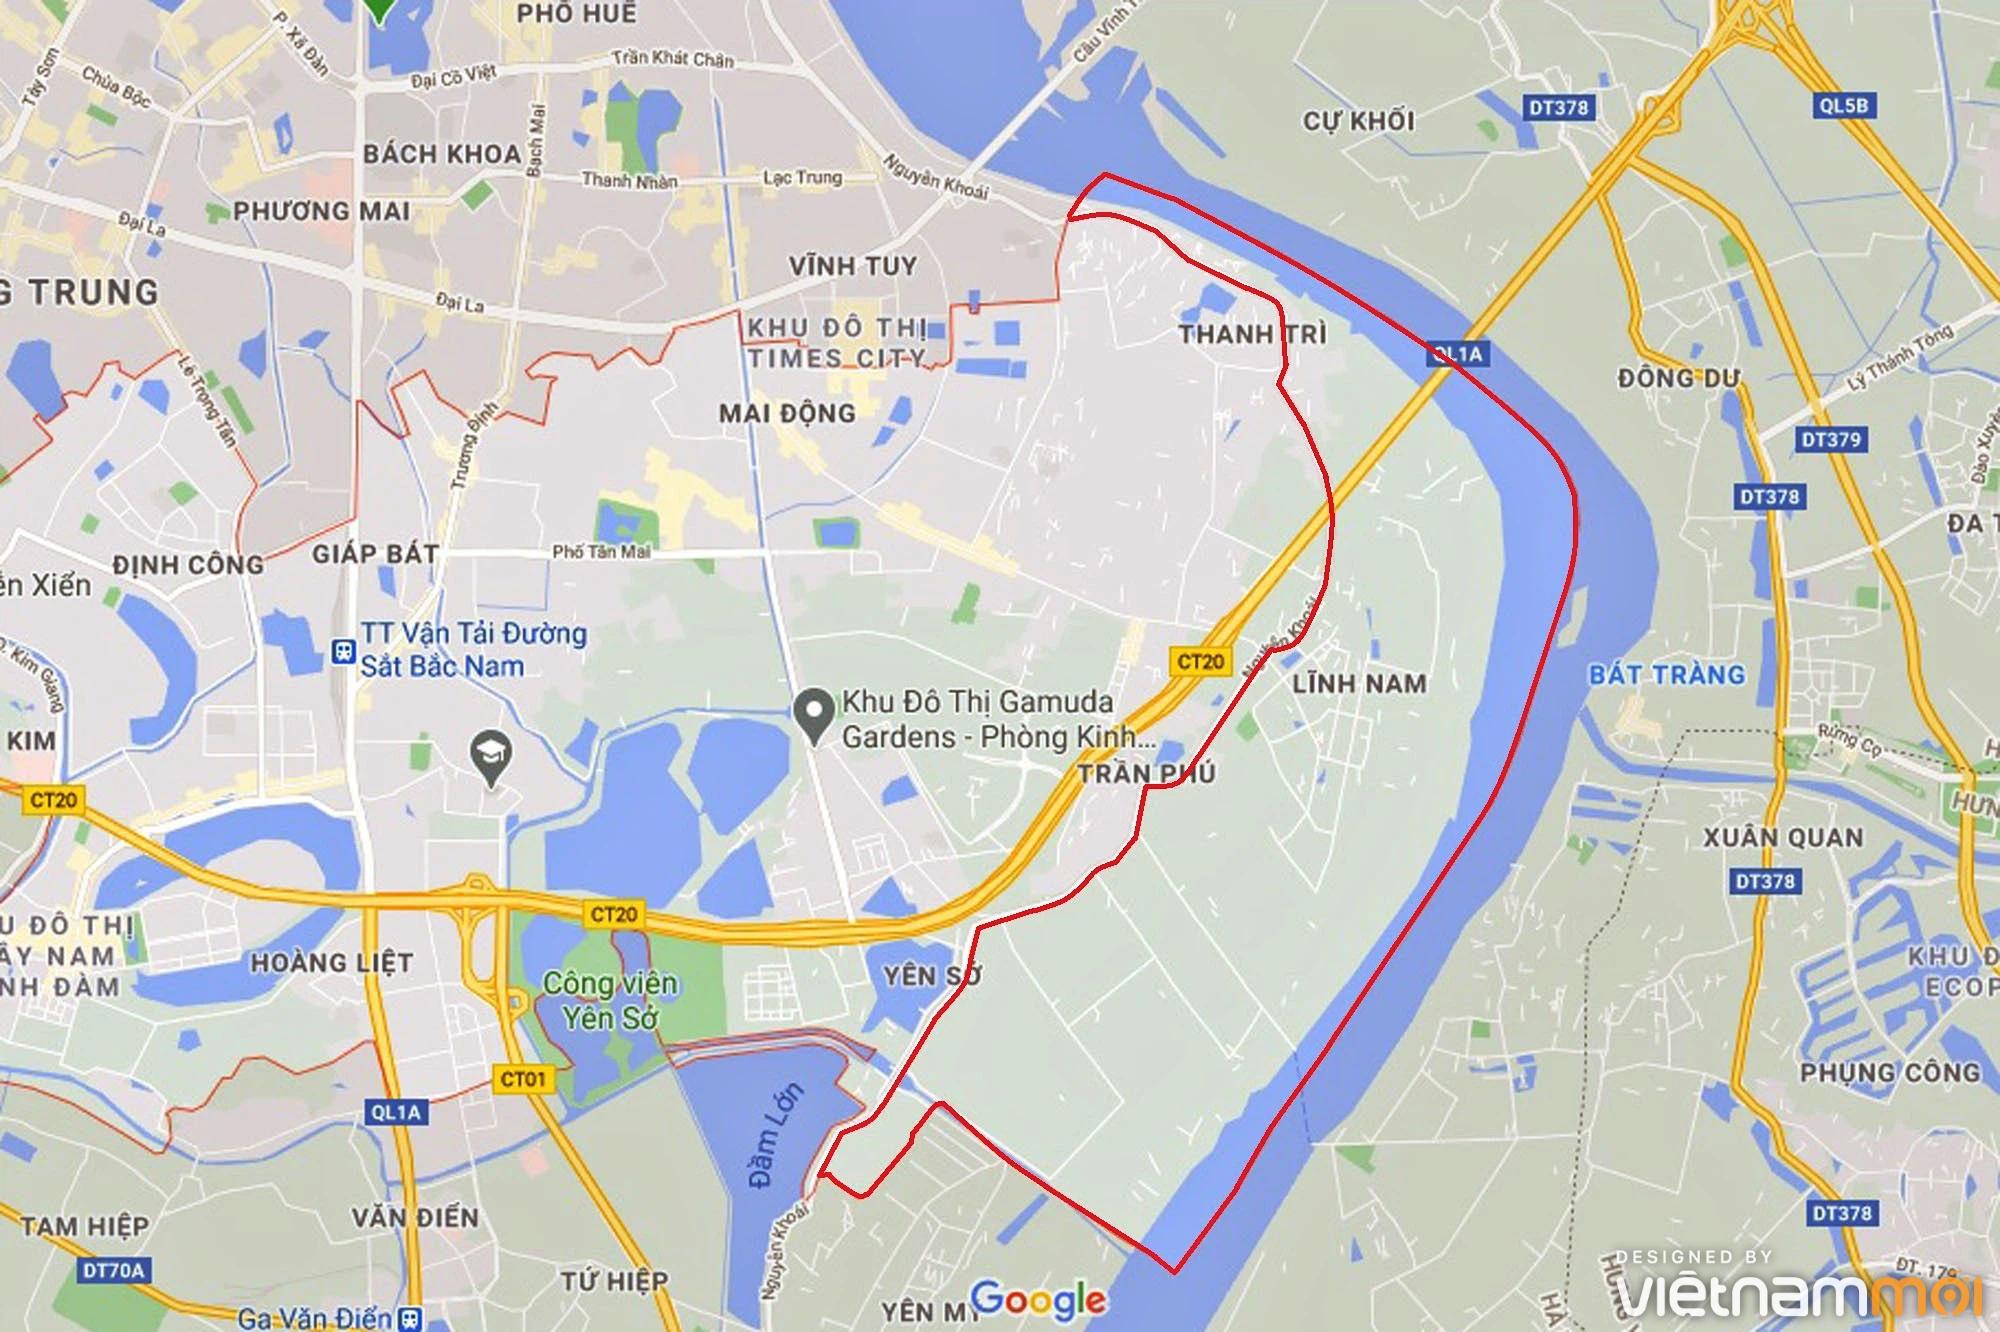 Toàn cảnh hiện trạng Phân khu đô thị sông Hồng trên địa bàn quận Hoàng Mai - Ảnh 1.